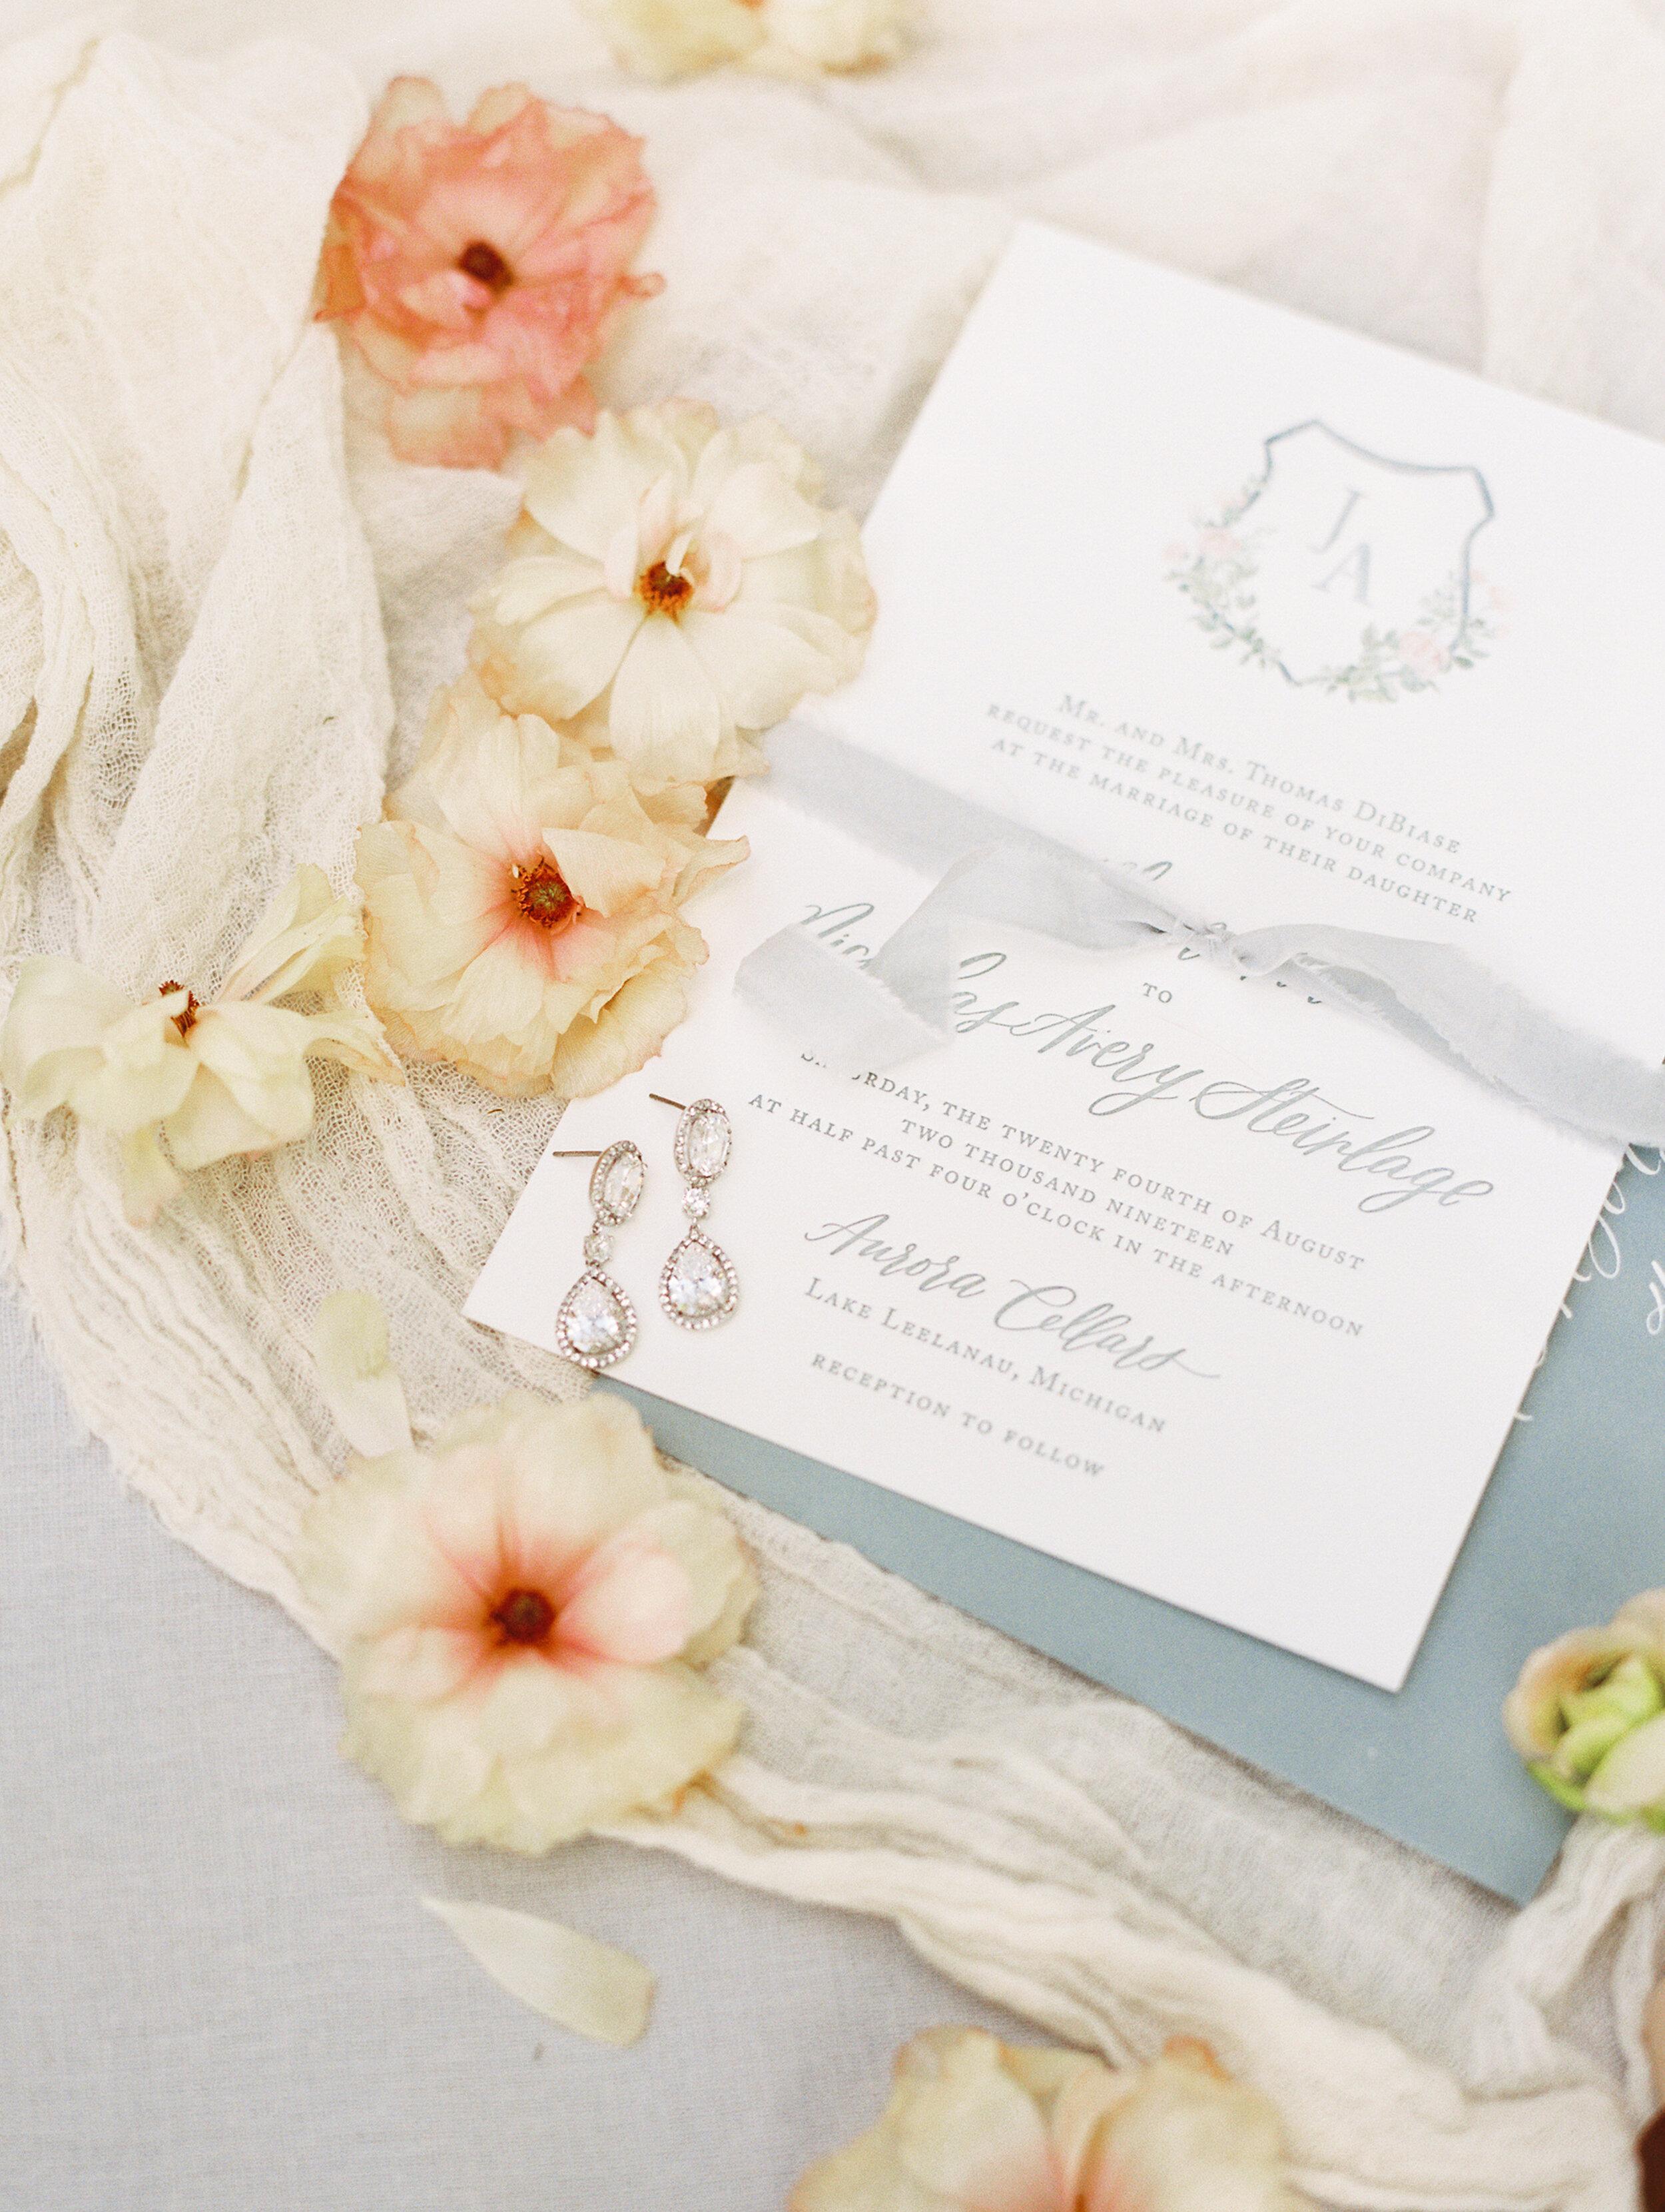 Steinlage+Wedding+Details-30.jpg